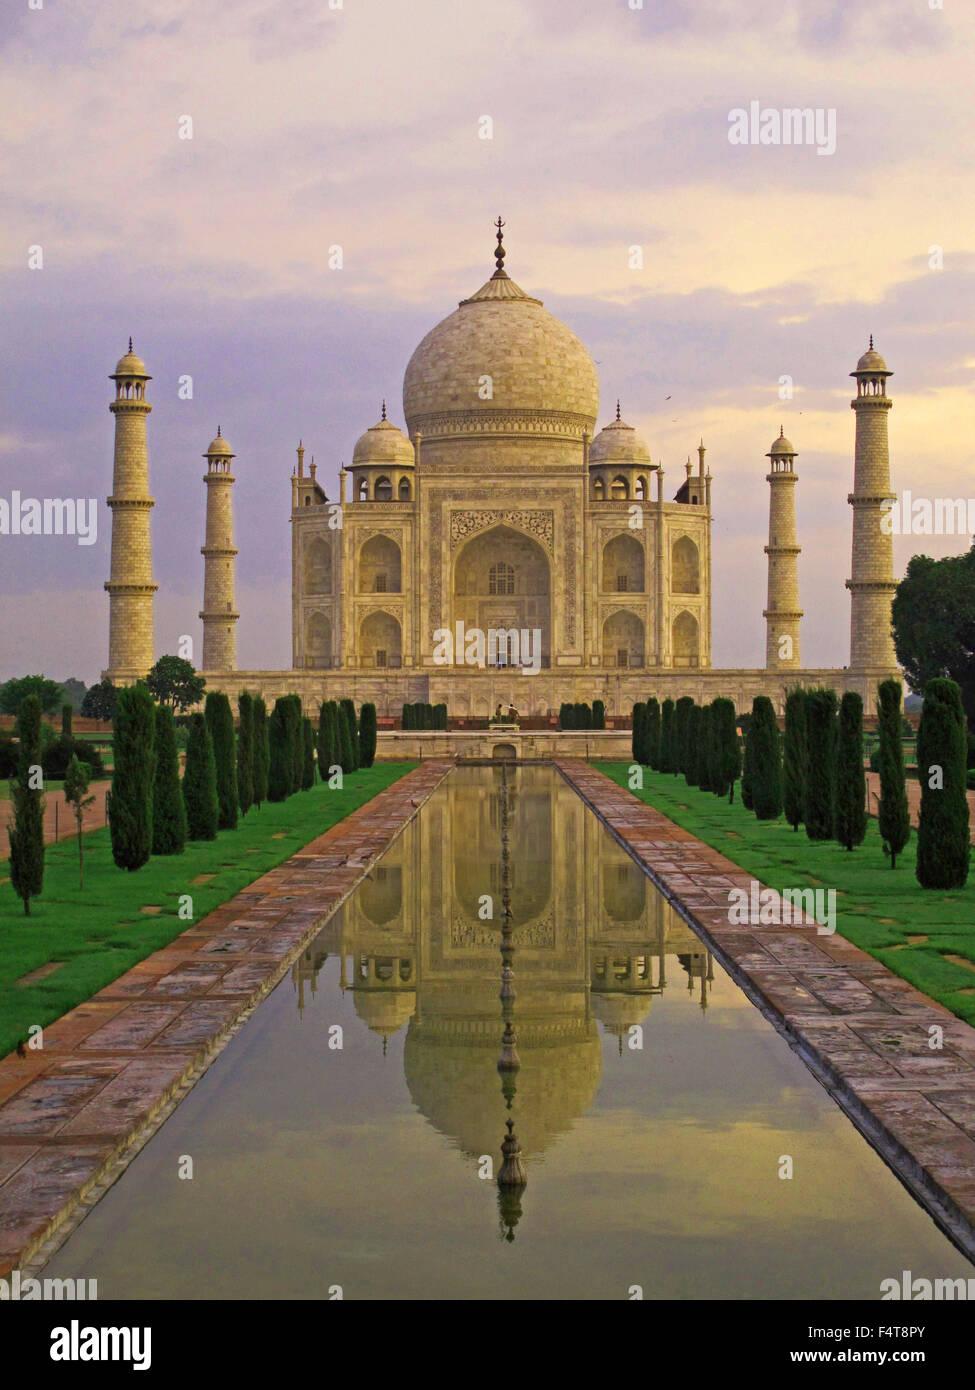 El Taj Mahal al amanecer en la India, Agra, mármol blanco amanecer rompiendo Foto de stock